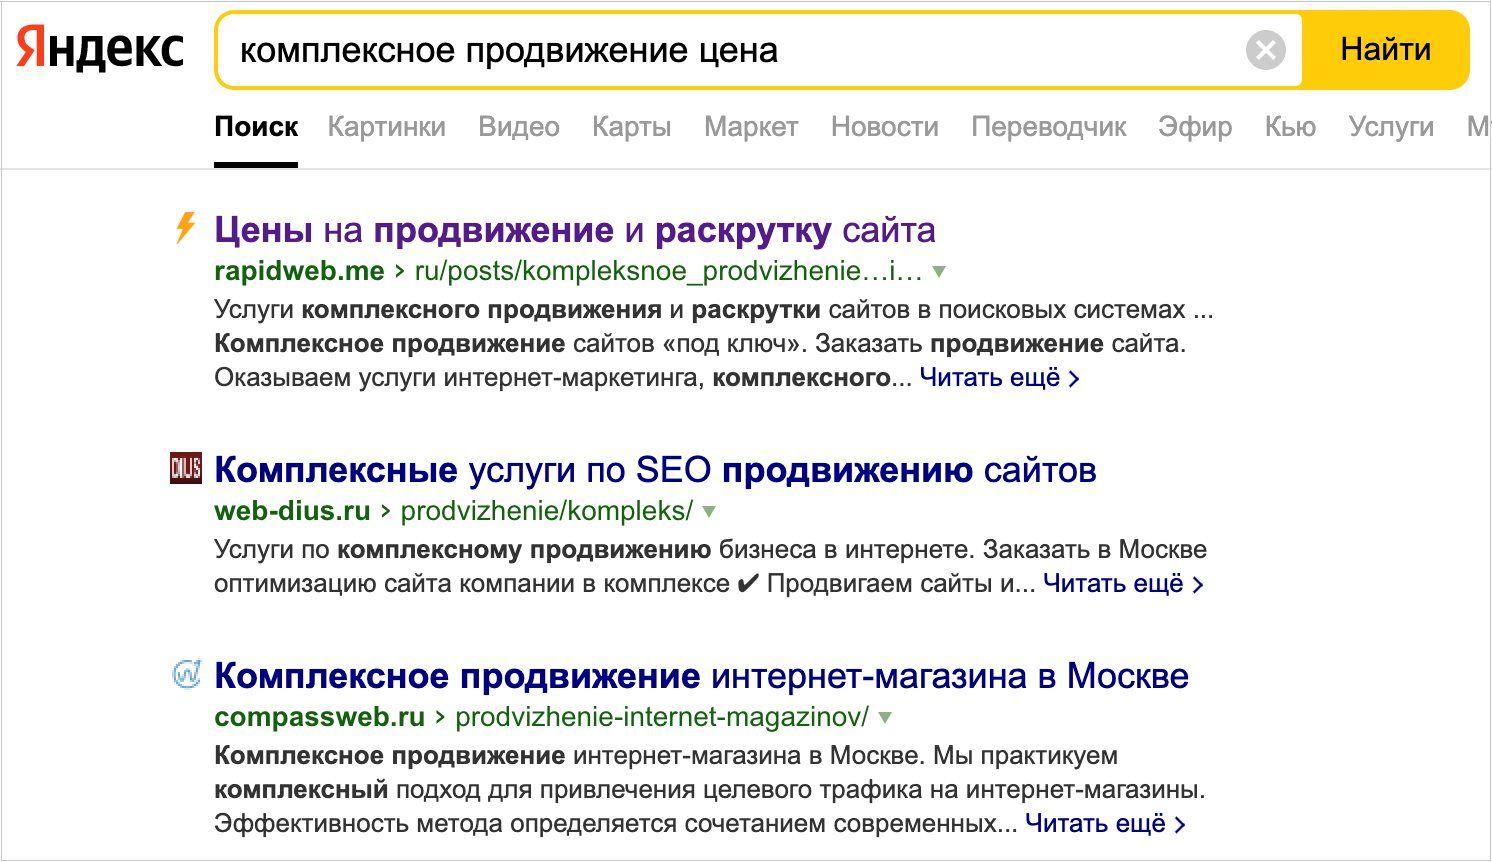 Пример поисковой выдачи по ключевому запросу «комплексное продвижение сайта»